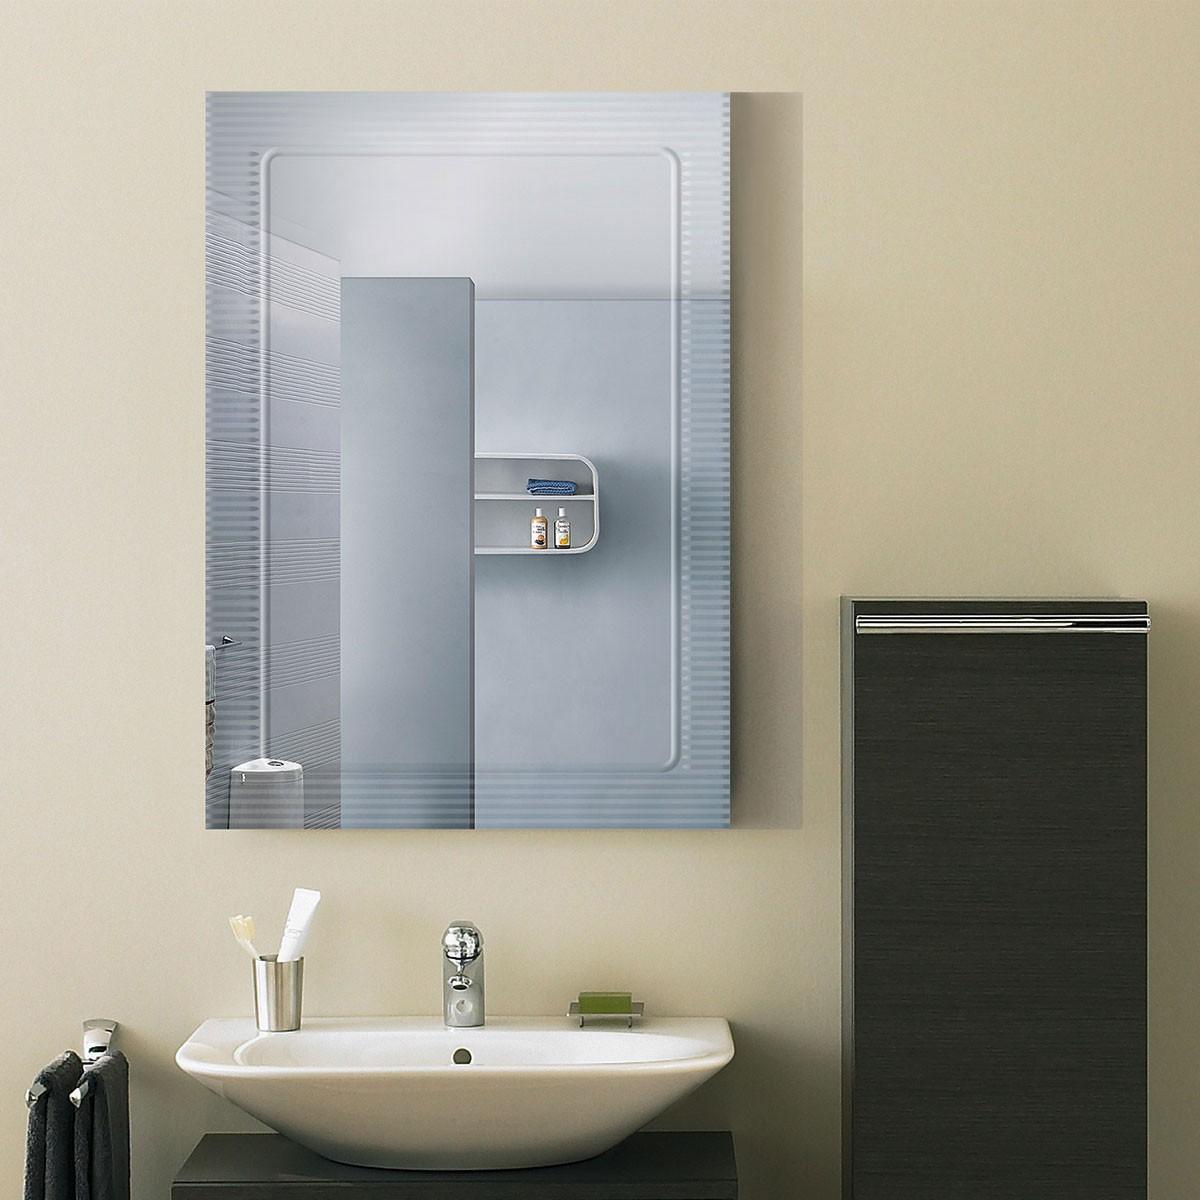 28 x 20 po Miroir Mural Salle de Bain Classique Rectangulaire sans Cadre - Accrochage Vertical (DK-OD-B067B)